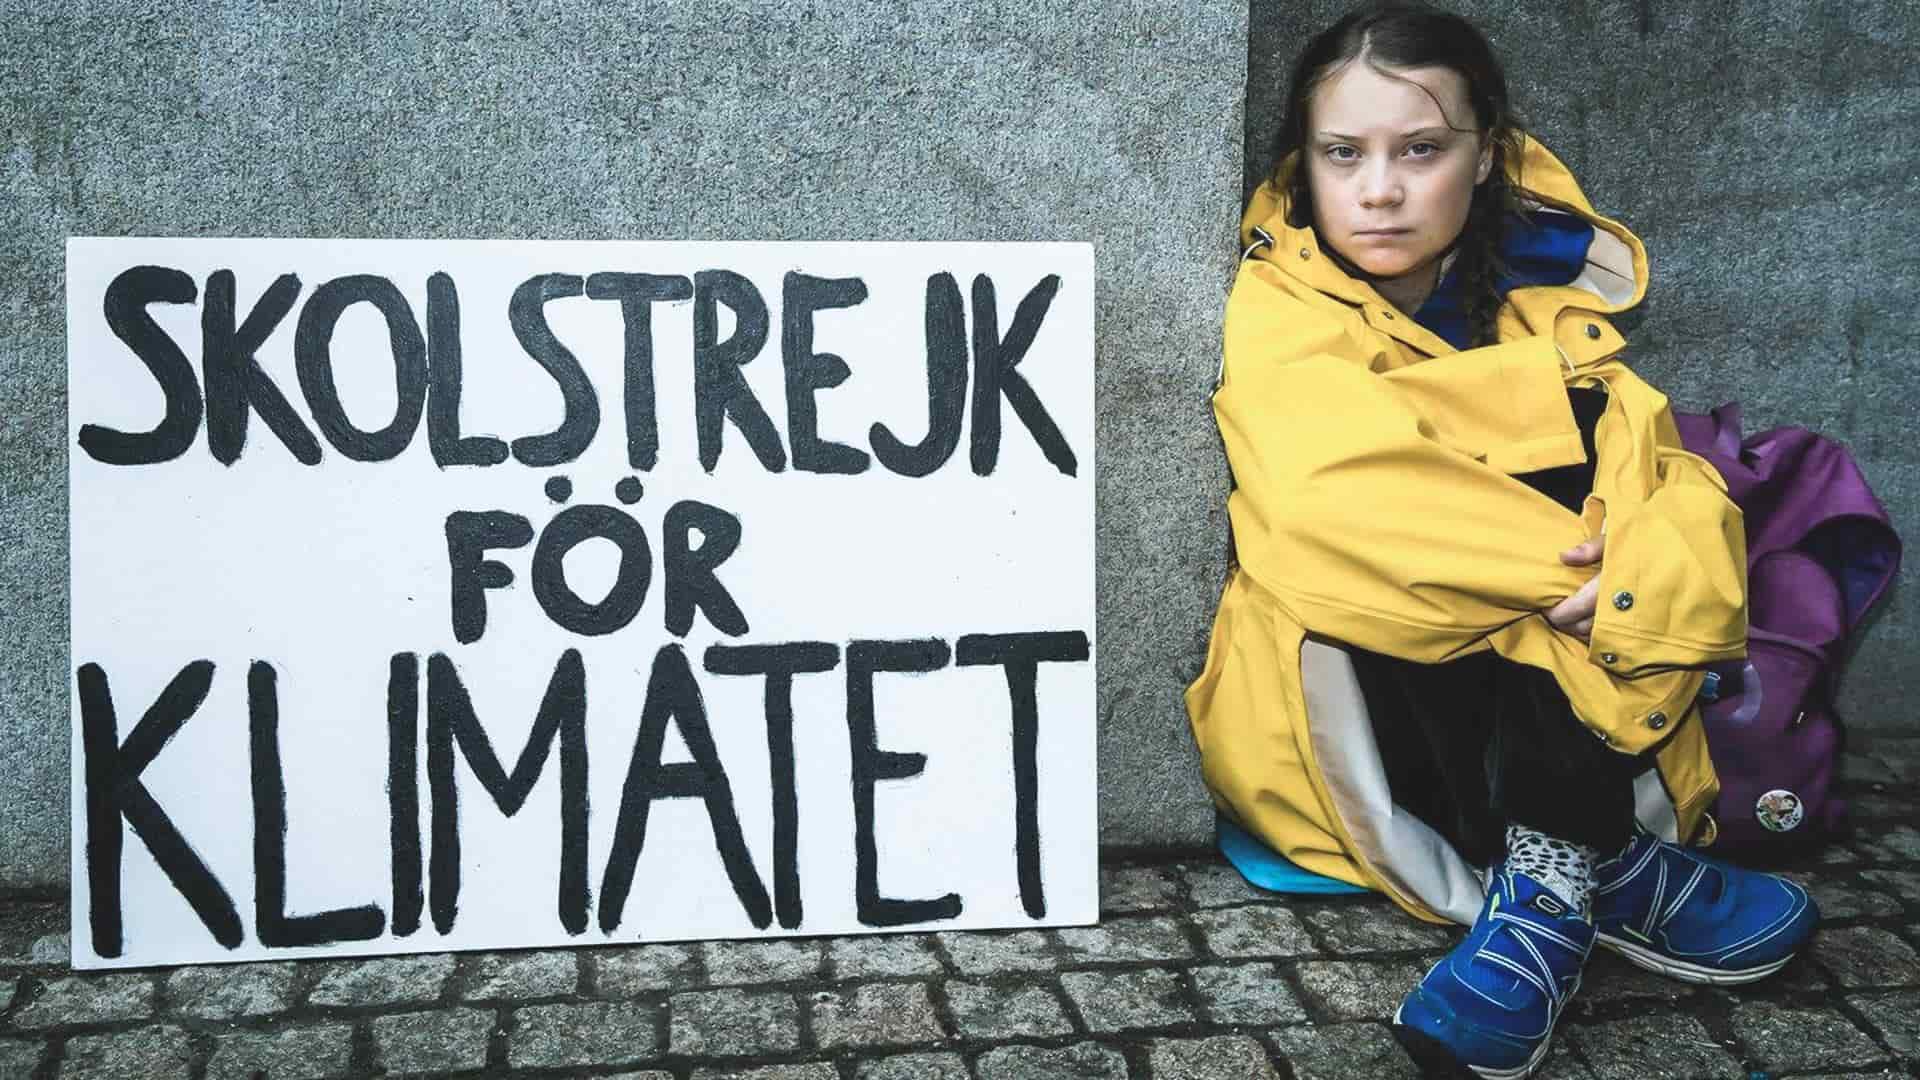 Tutto è iniziato con lo sciopero scolastico di Greta Thunberg